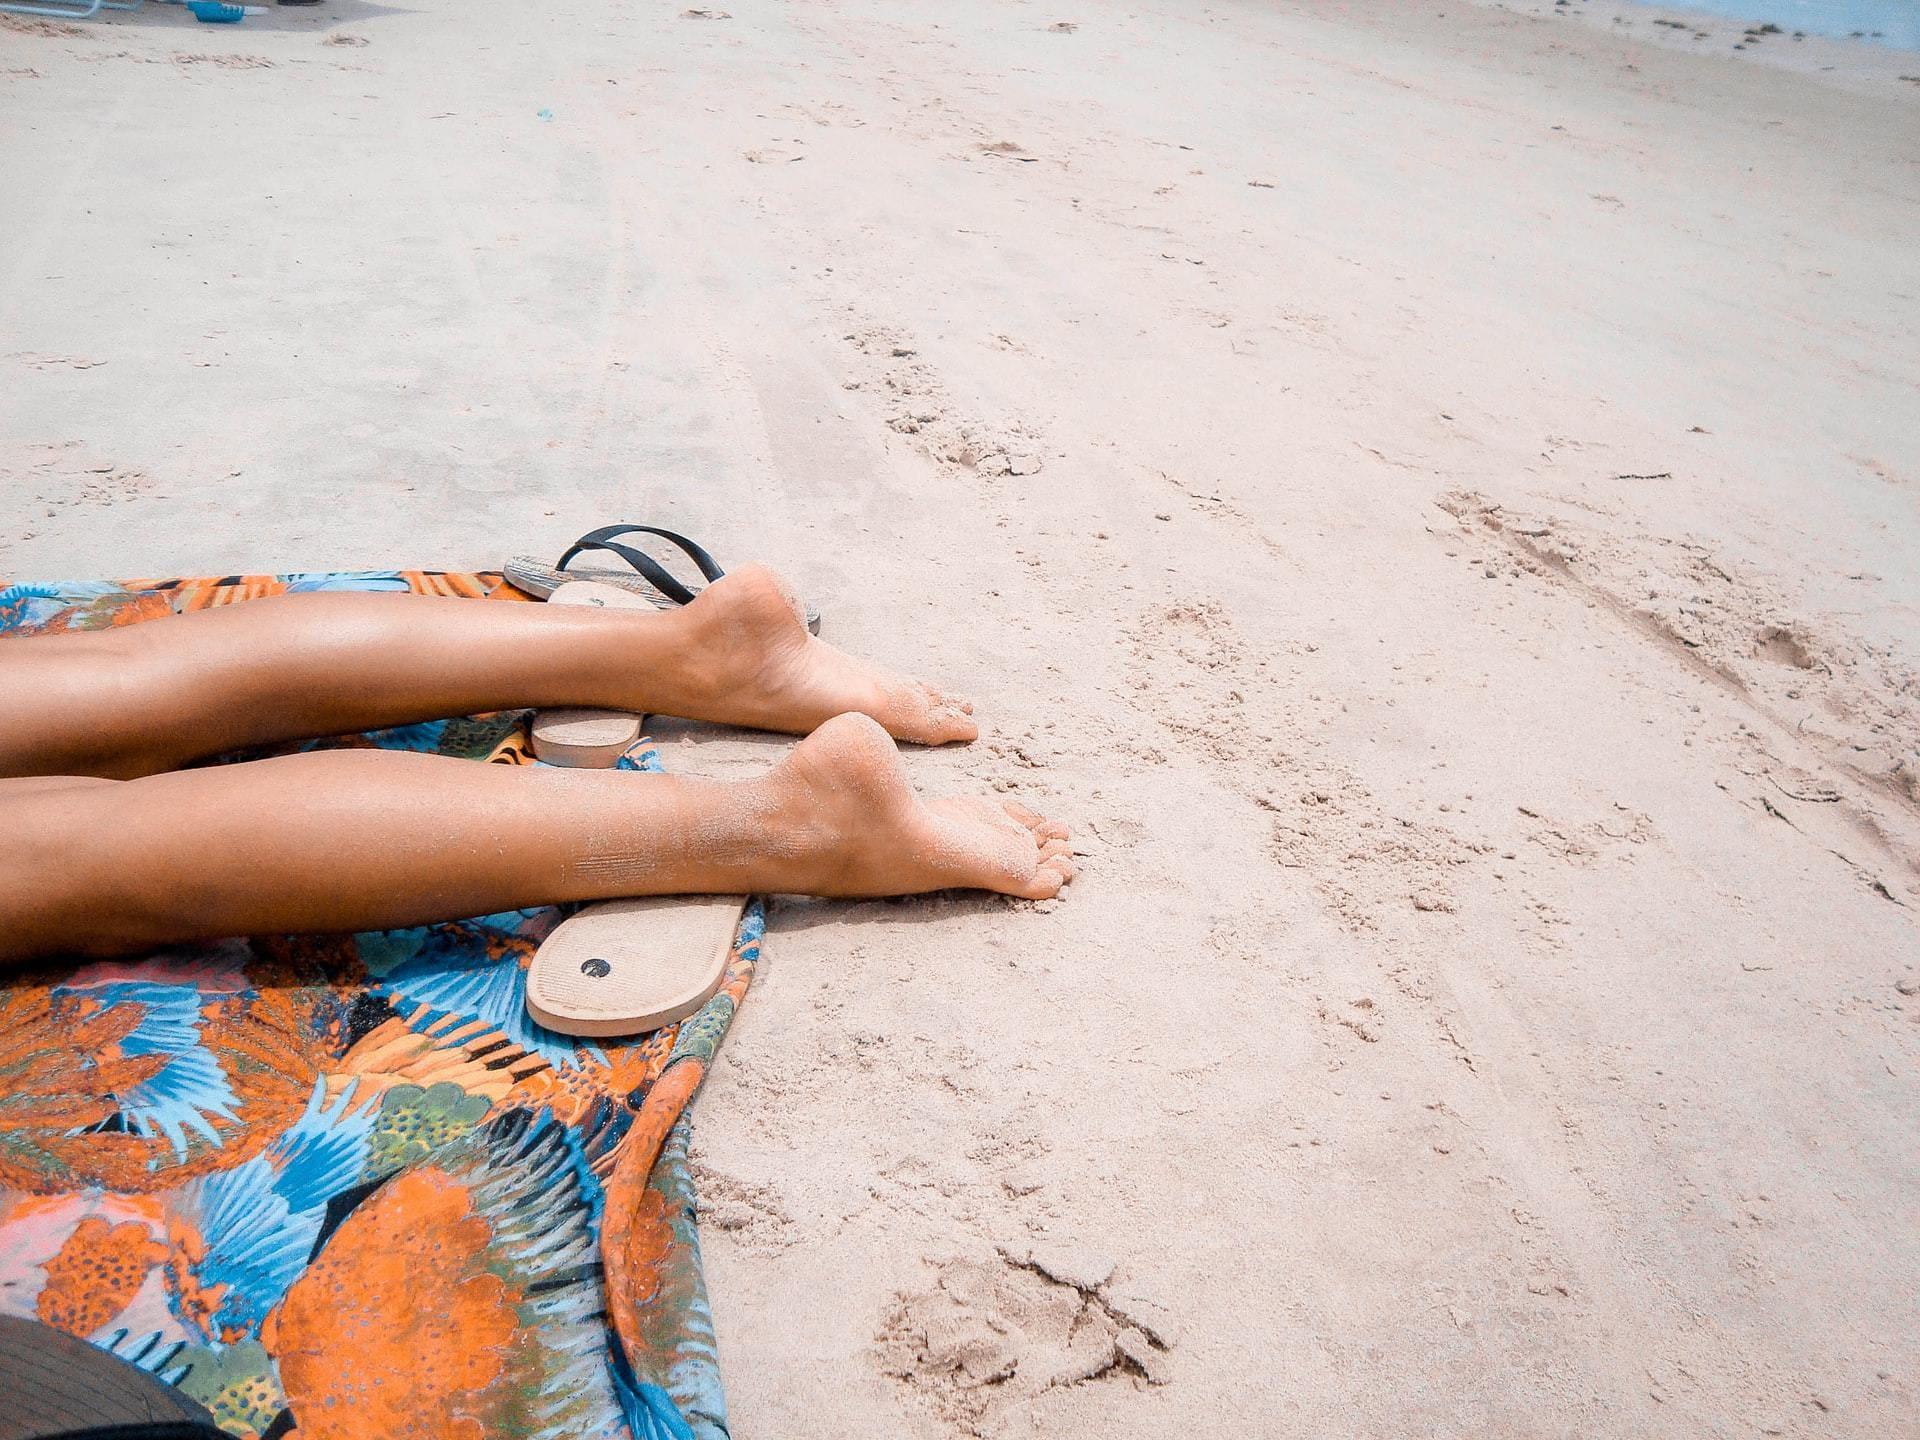 Benen op een zandstrand